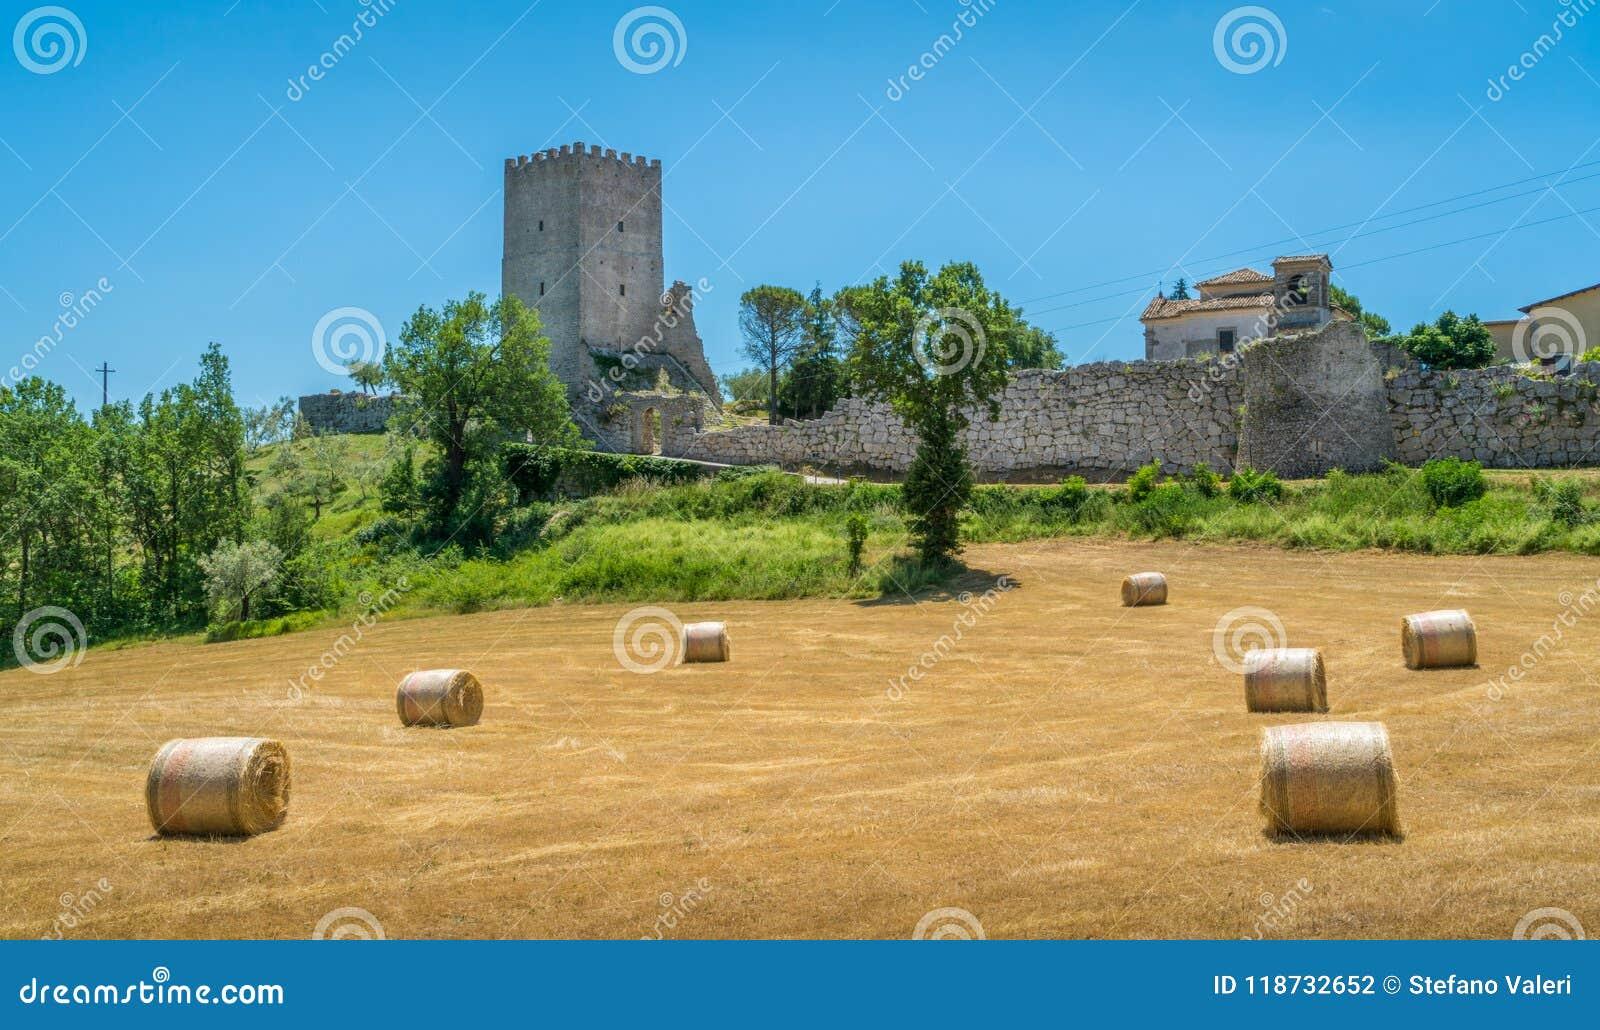 Arpino, oude stad in de provincie van Frosinone, Lazio, centraal Italië